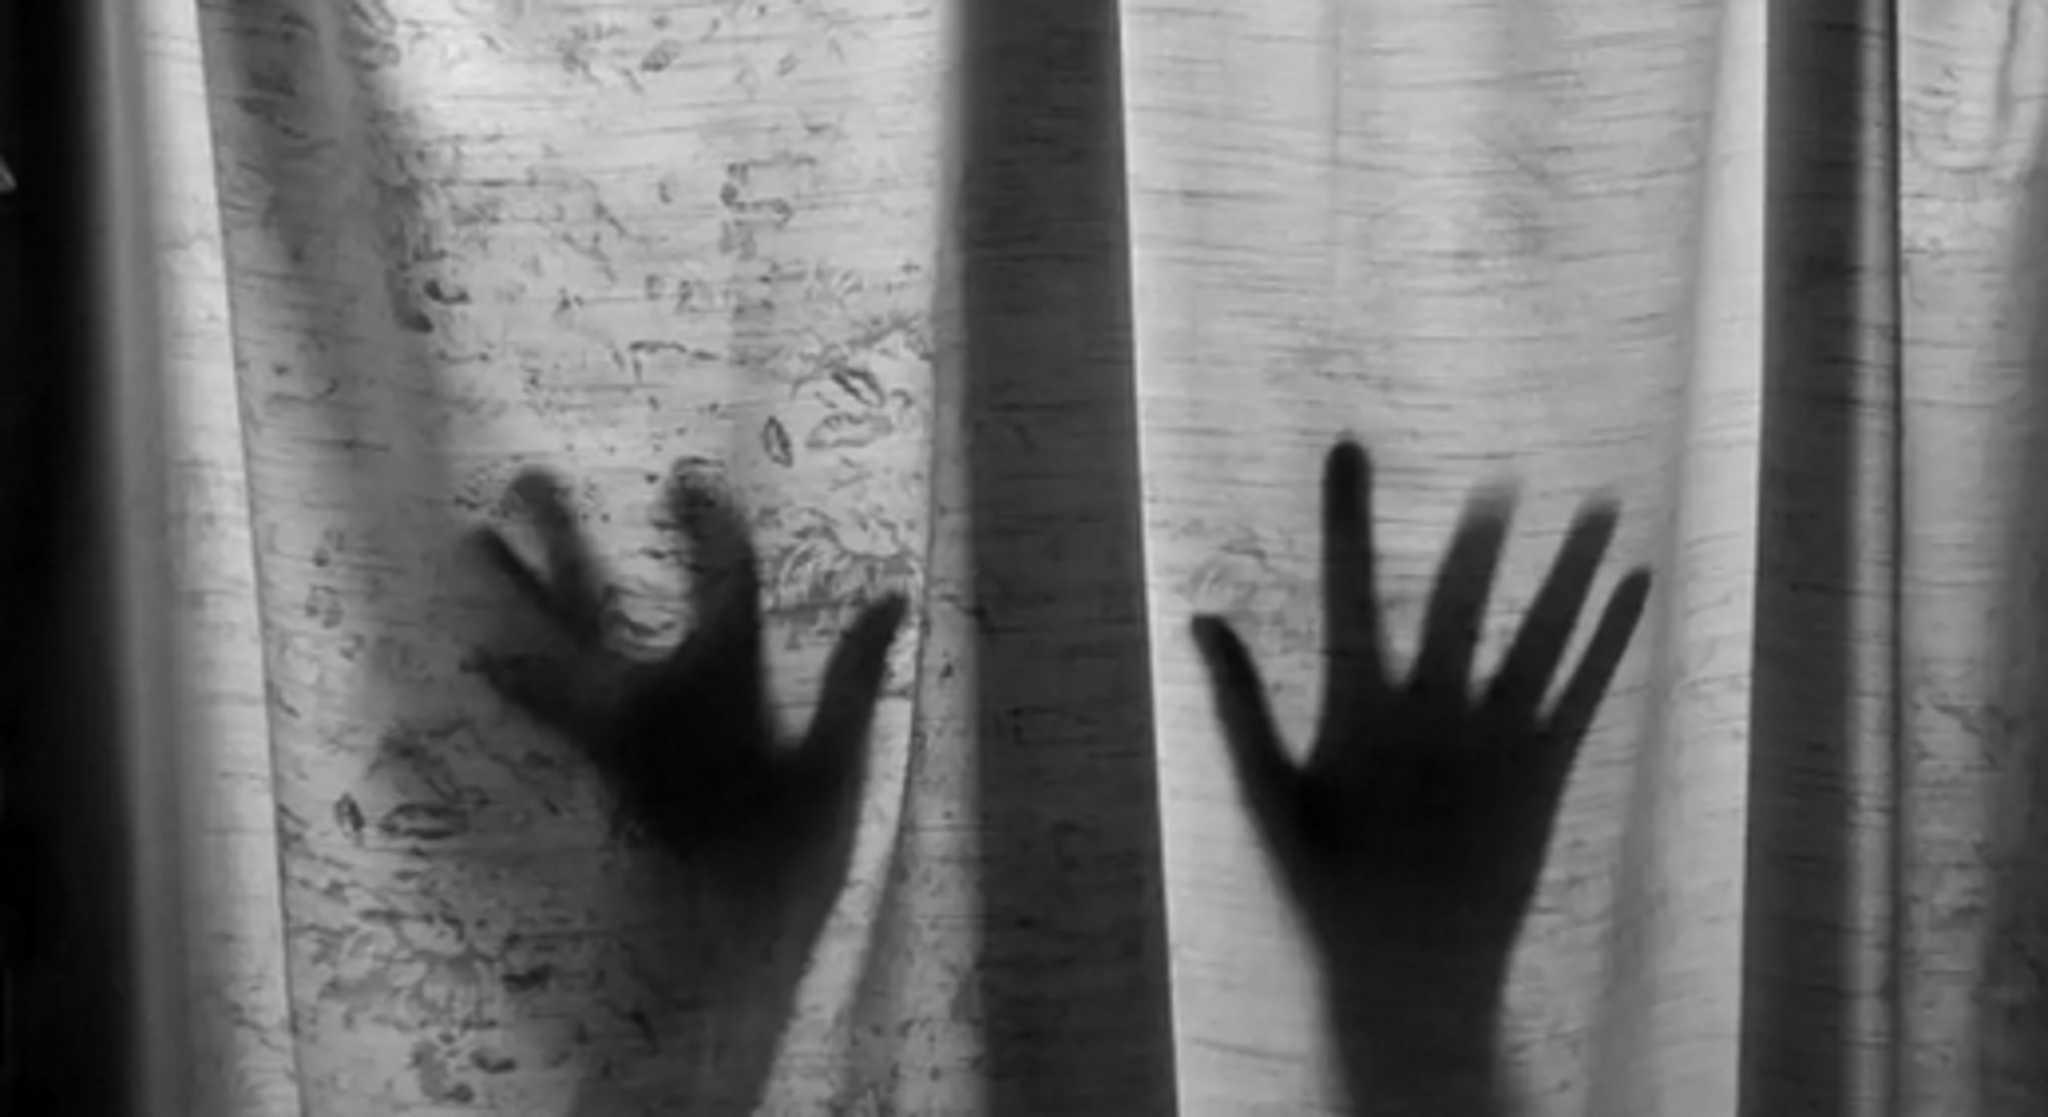 Λιβαδειά: «Βίασε και κατέστρεψε την κόρη μου» – Η μητέρα της 19χρονης αποκαλύπτει και ξεσπά